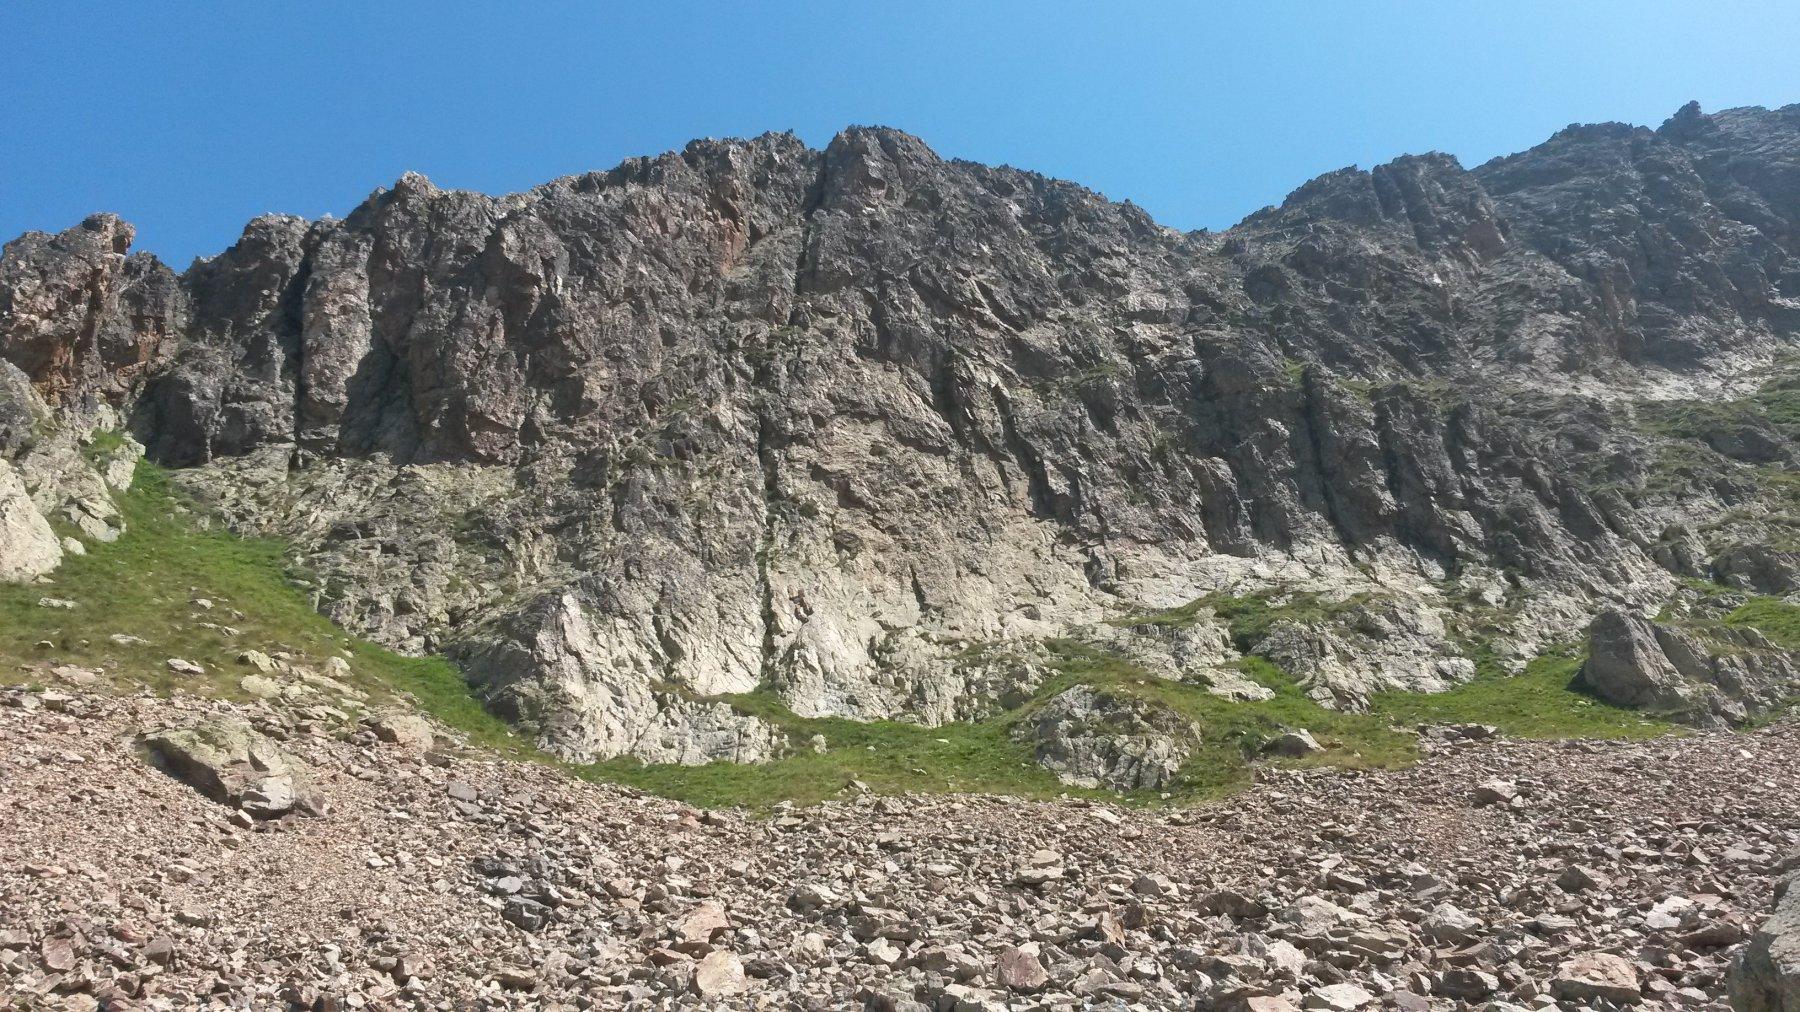 Aver (Monte dell') - Contrafforte Ovest Via Checu - Via Lattea - Via del Niglio 2016-07-31